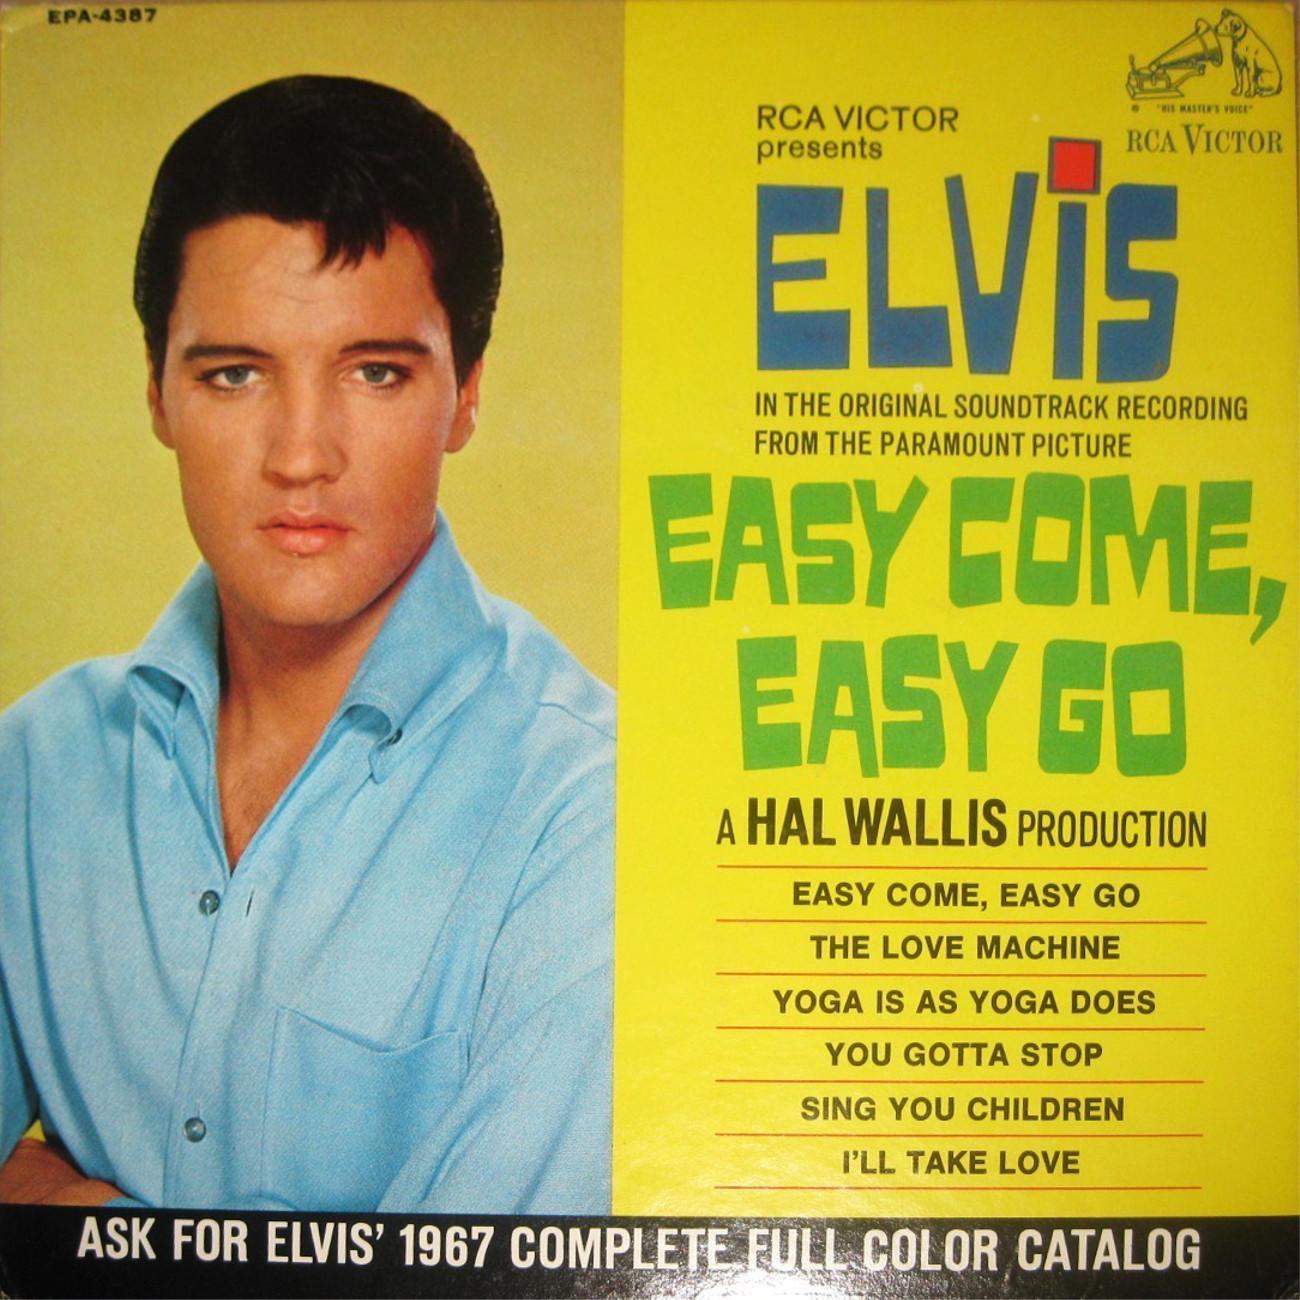 EASY COME, EASY GO Epa4387awbuwp